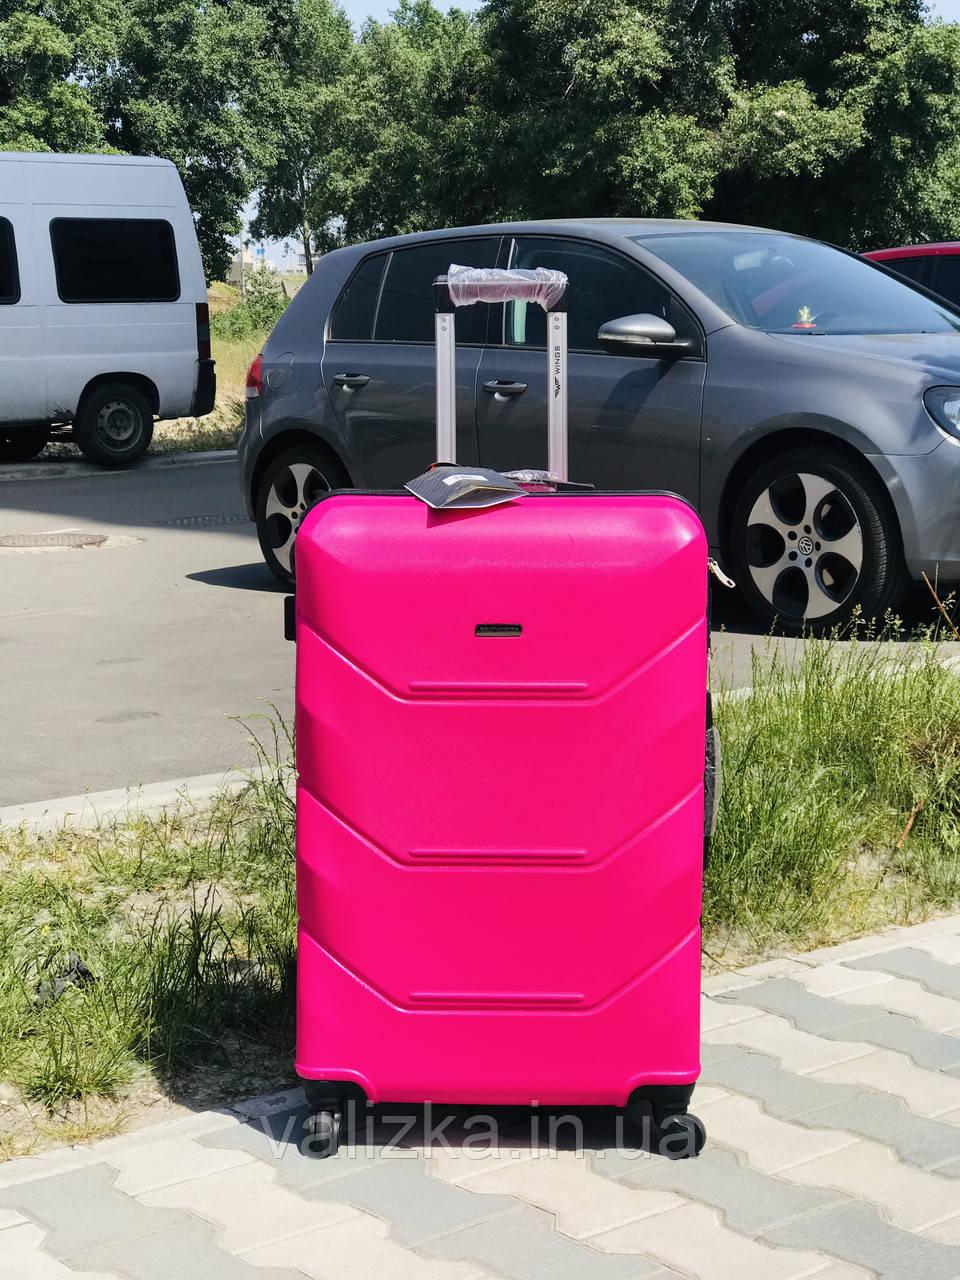 Пластиковый чемодан из поликарбоната средний розового цвета Польша